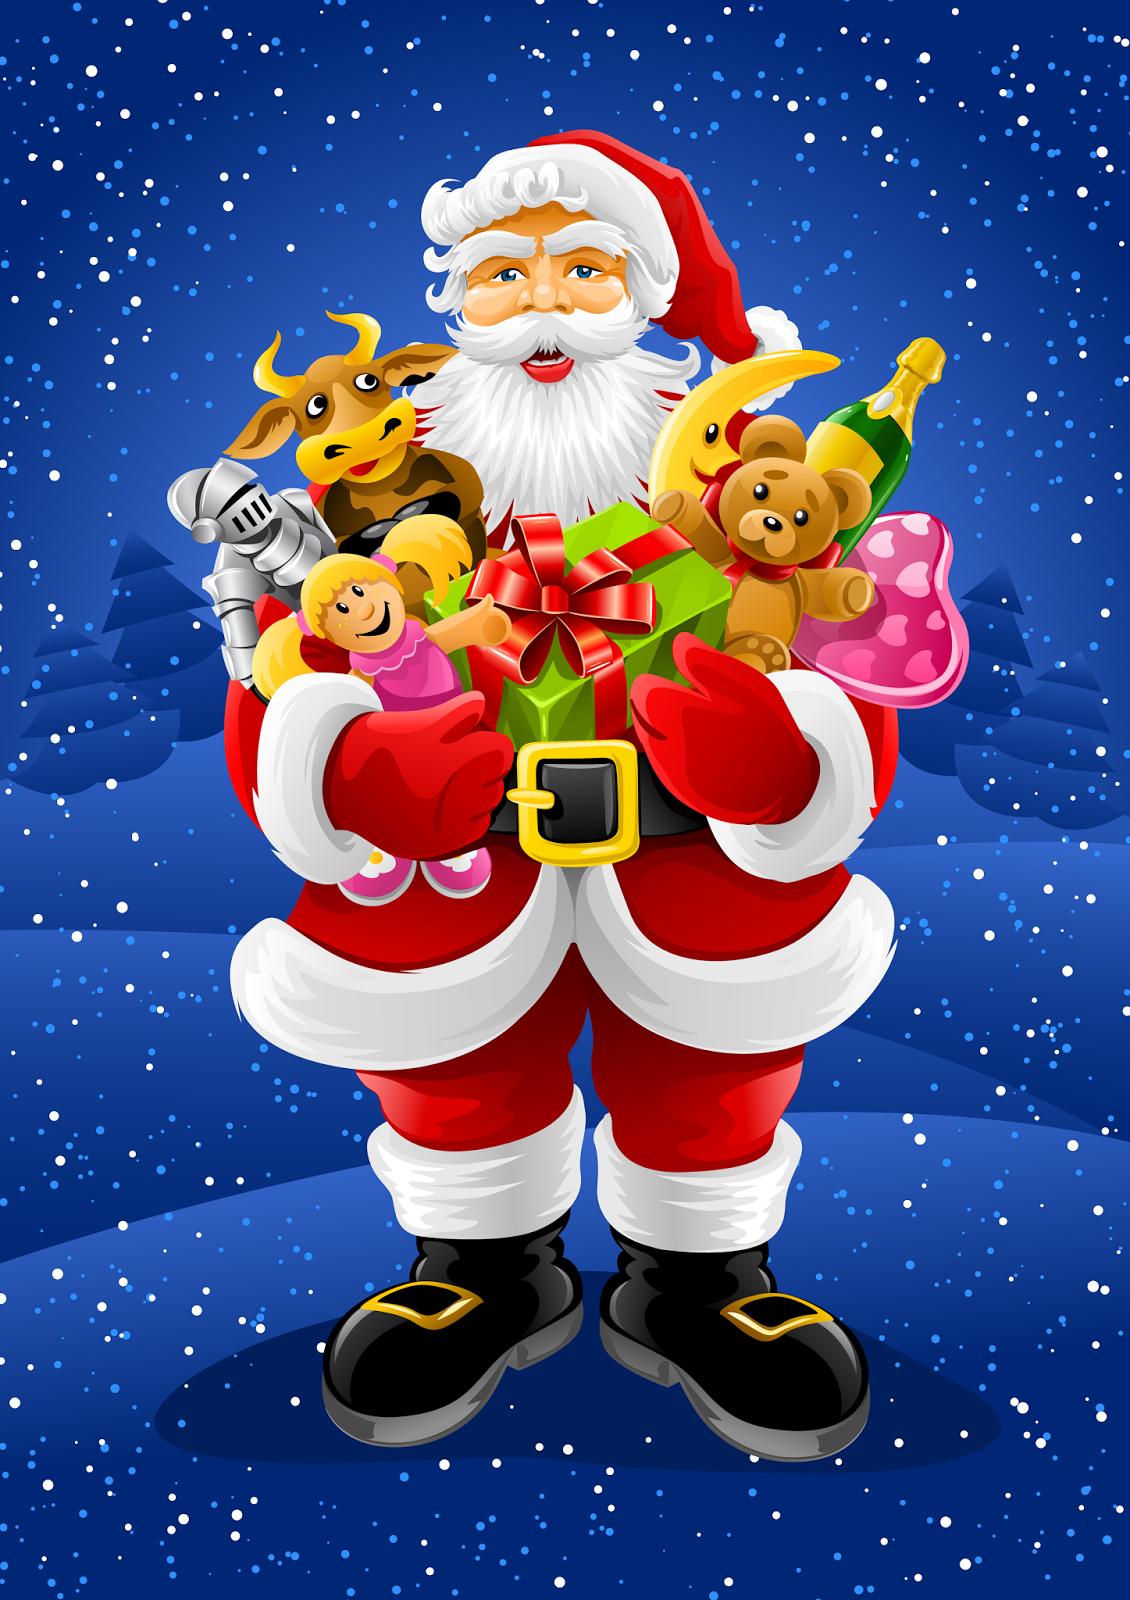 Wallpaper clipart santa claus Claus Claus Clipart Santa